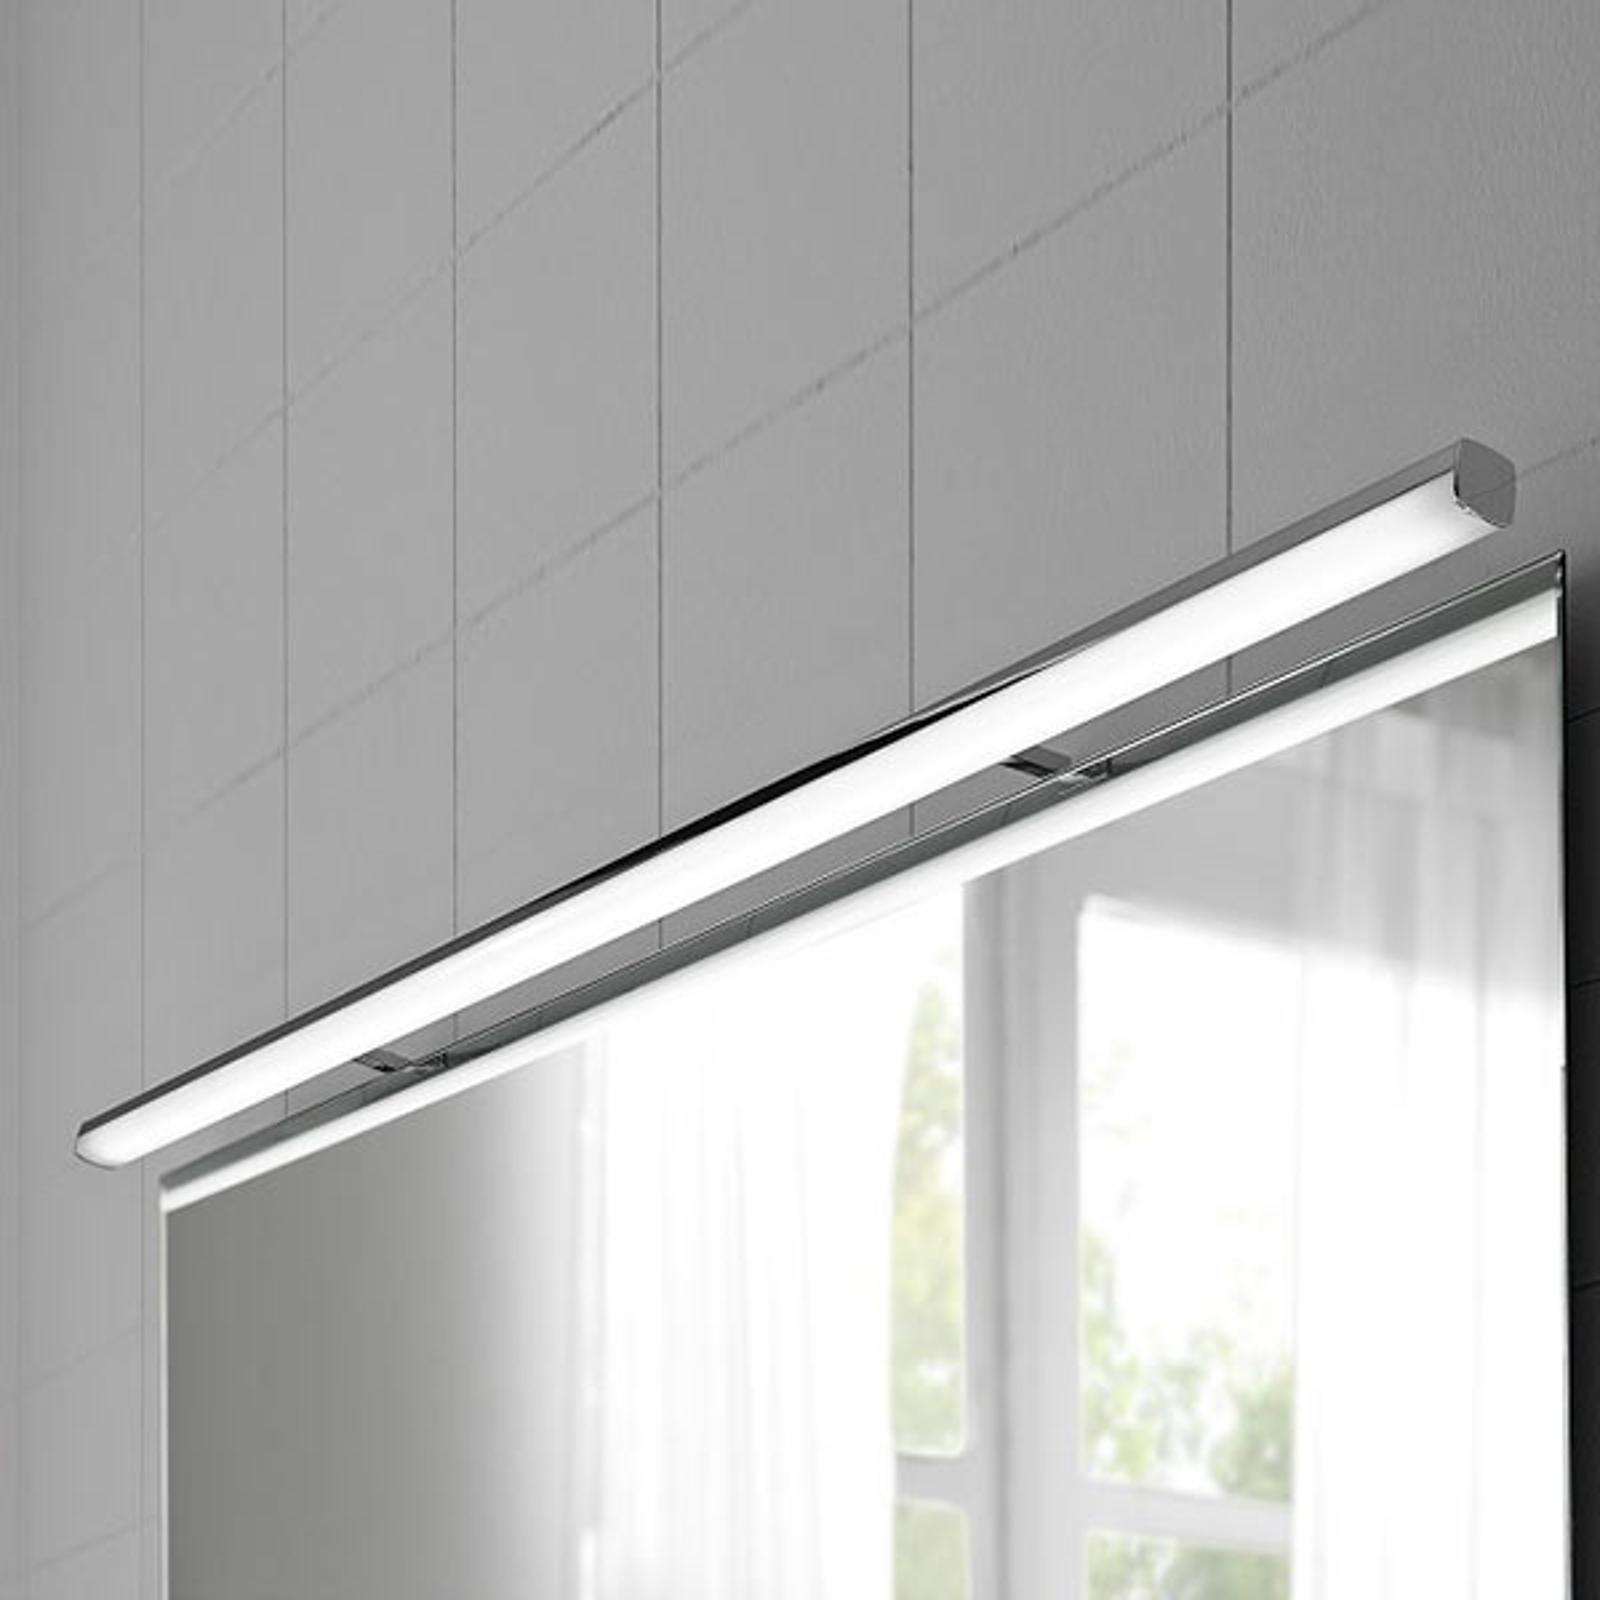 LED-Spiegelleuchte Ruth in Chrom, 110 cm